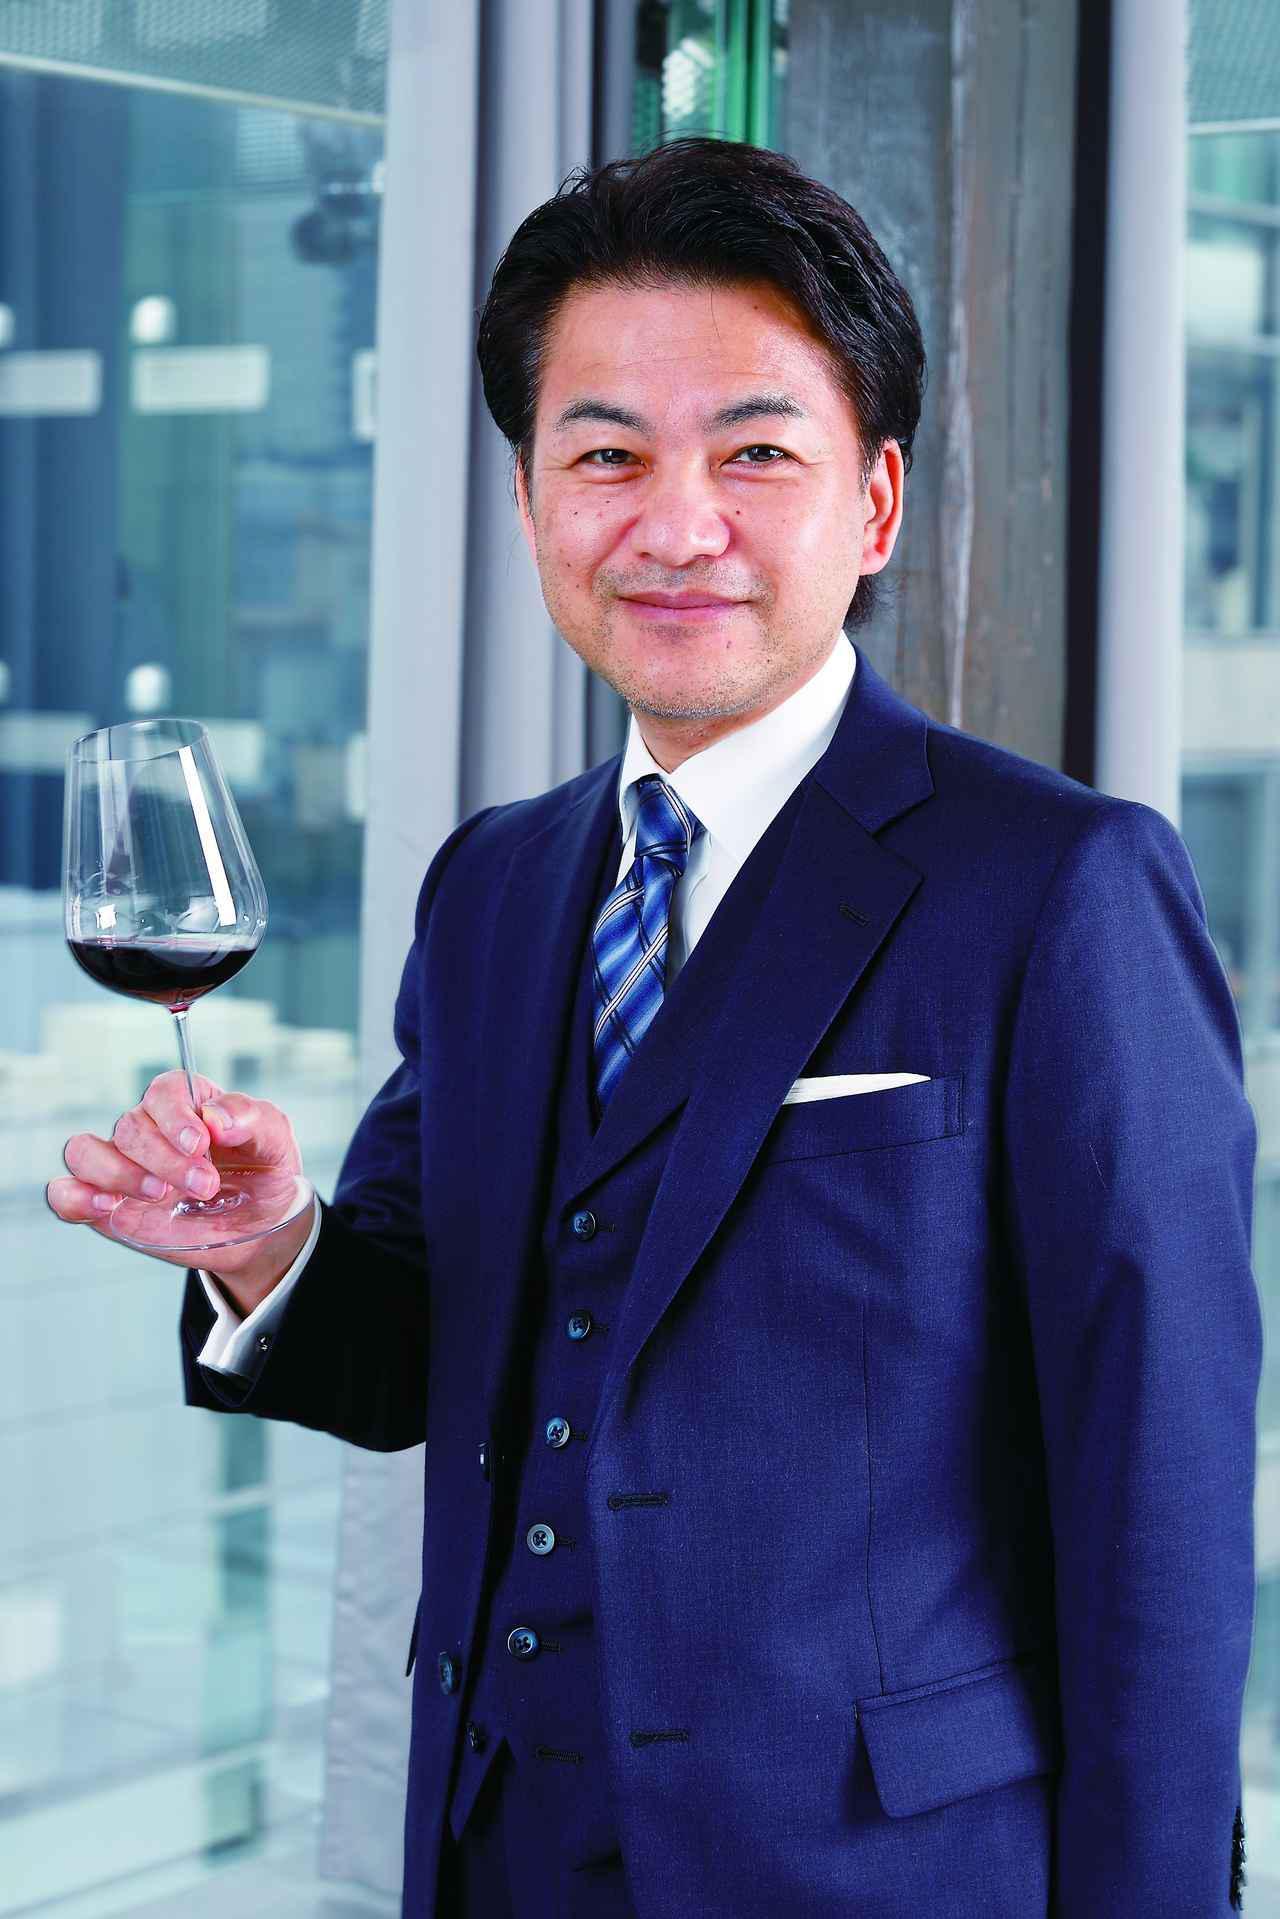 画像: 「エスキス」総支配人 若林英司氏 ブルゴーニュの赤ワインを『ザ・ジャンシス・ロビンソ ン ワイングラス』に注ぎ、自然光の下で検証。「液体の 透明な部分から色の濃い部分まで、グラデーションが 非常にきれいに見えます。ワインが減ってもグラスの 中で酸化が進まない印象です」と話す